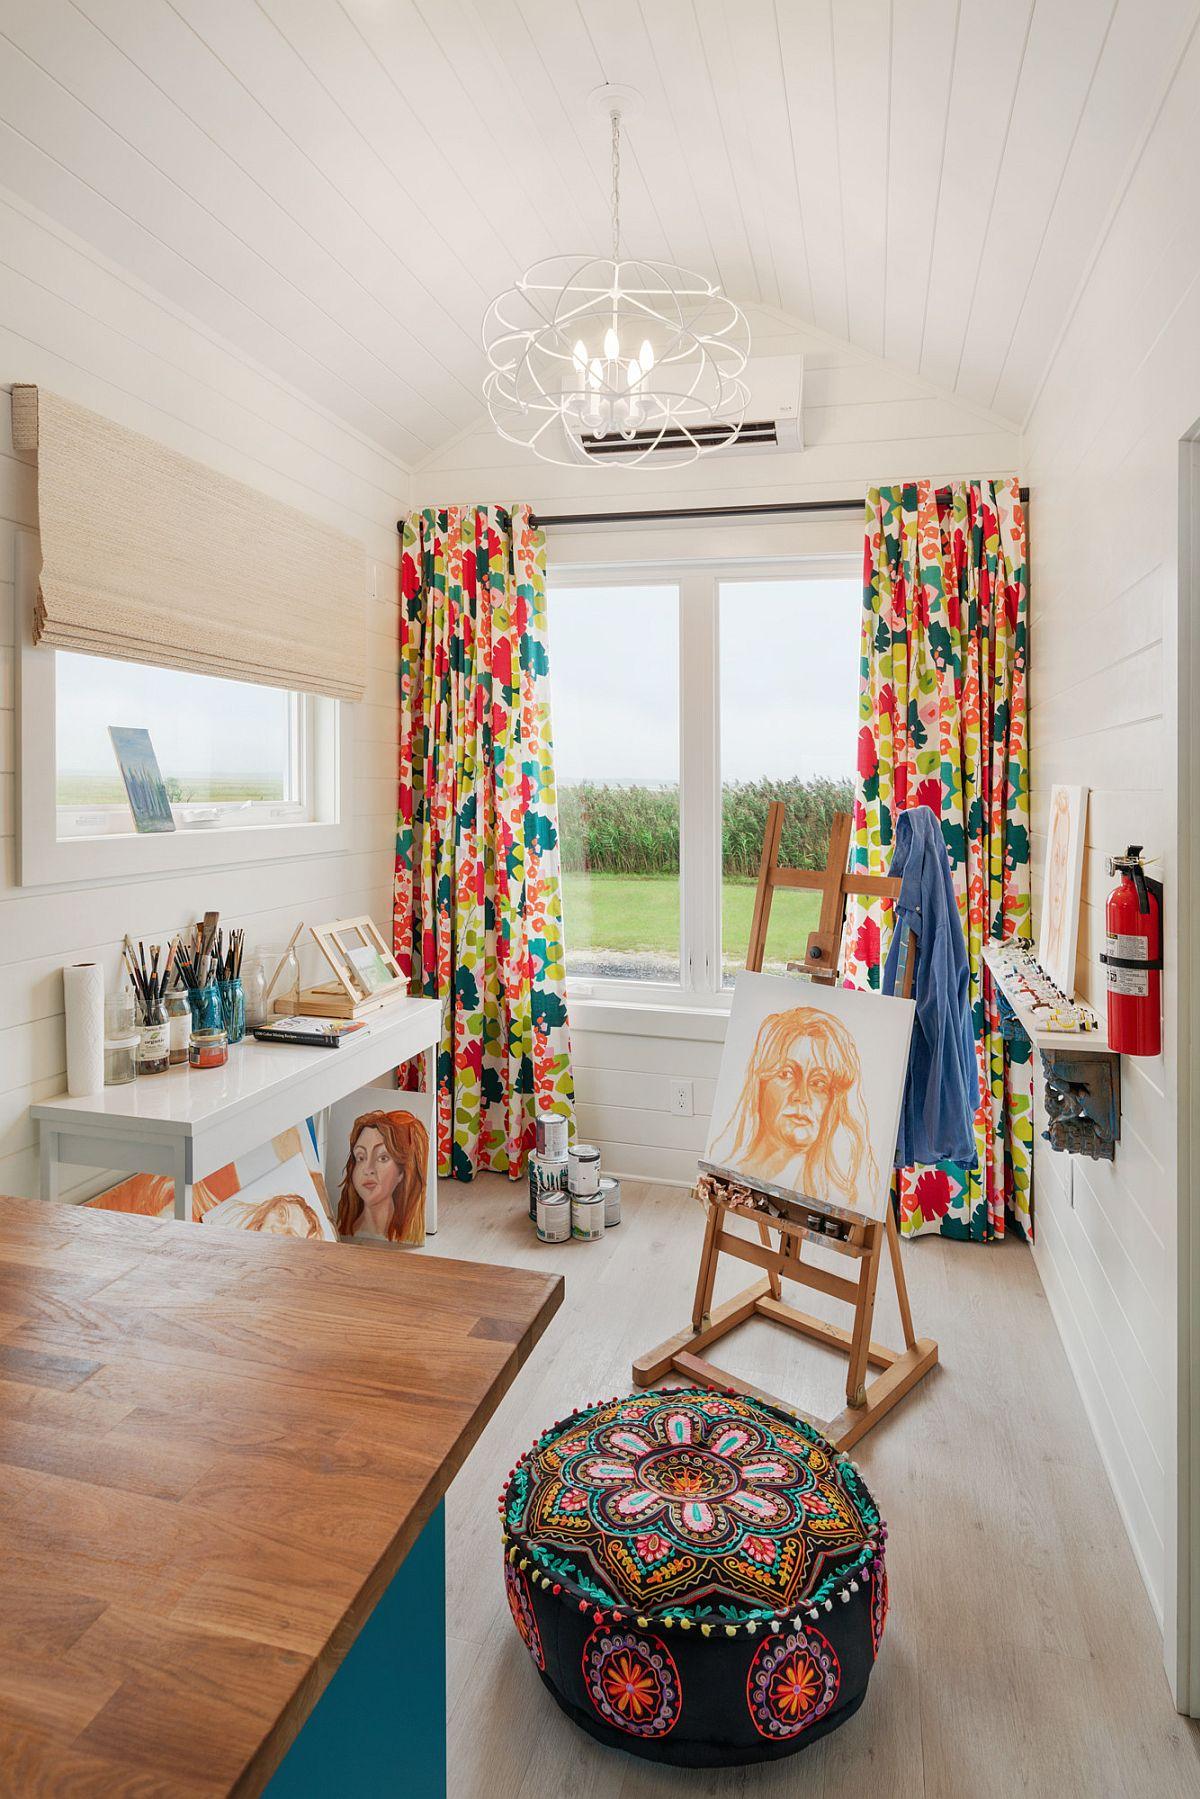 Phòng làm việc nhỏ tại nhà với phong cách chiết trung đầy màu sắc - Ảnh 12.